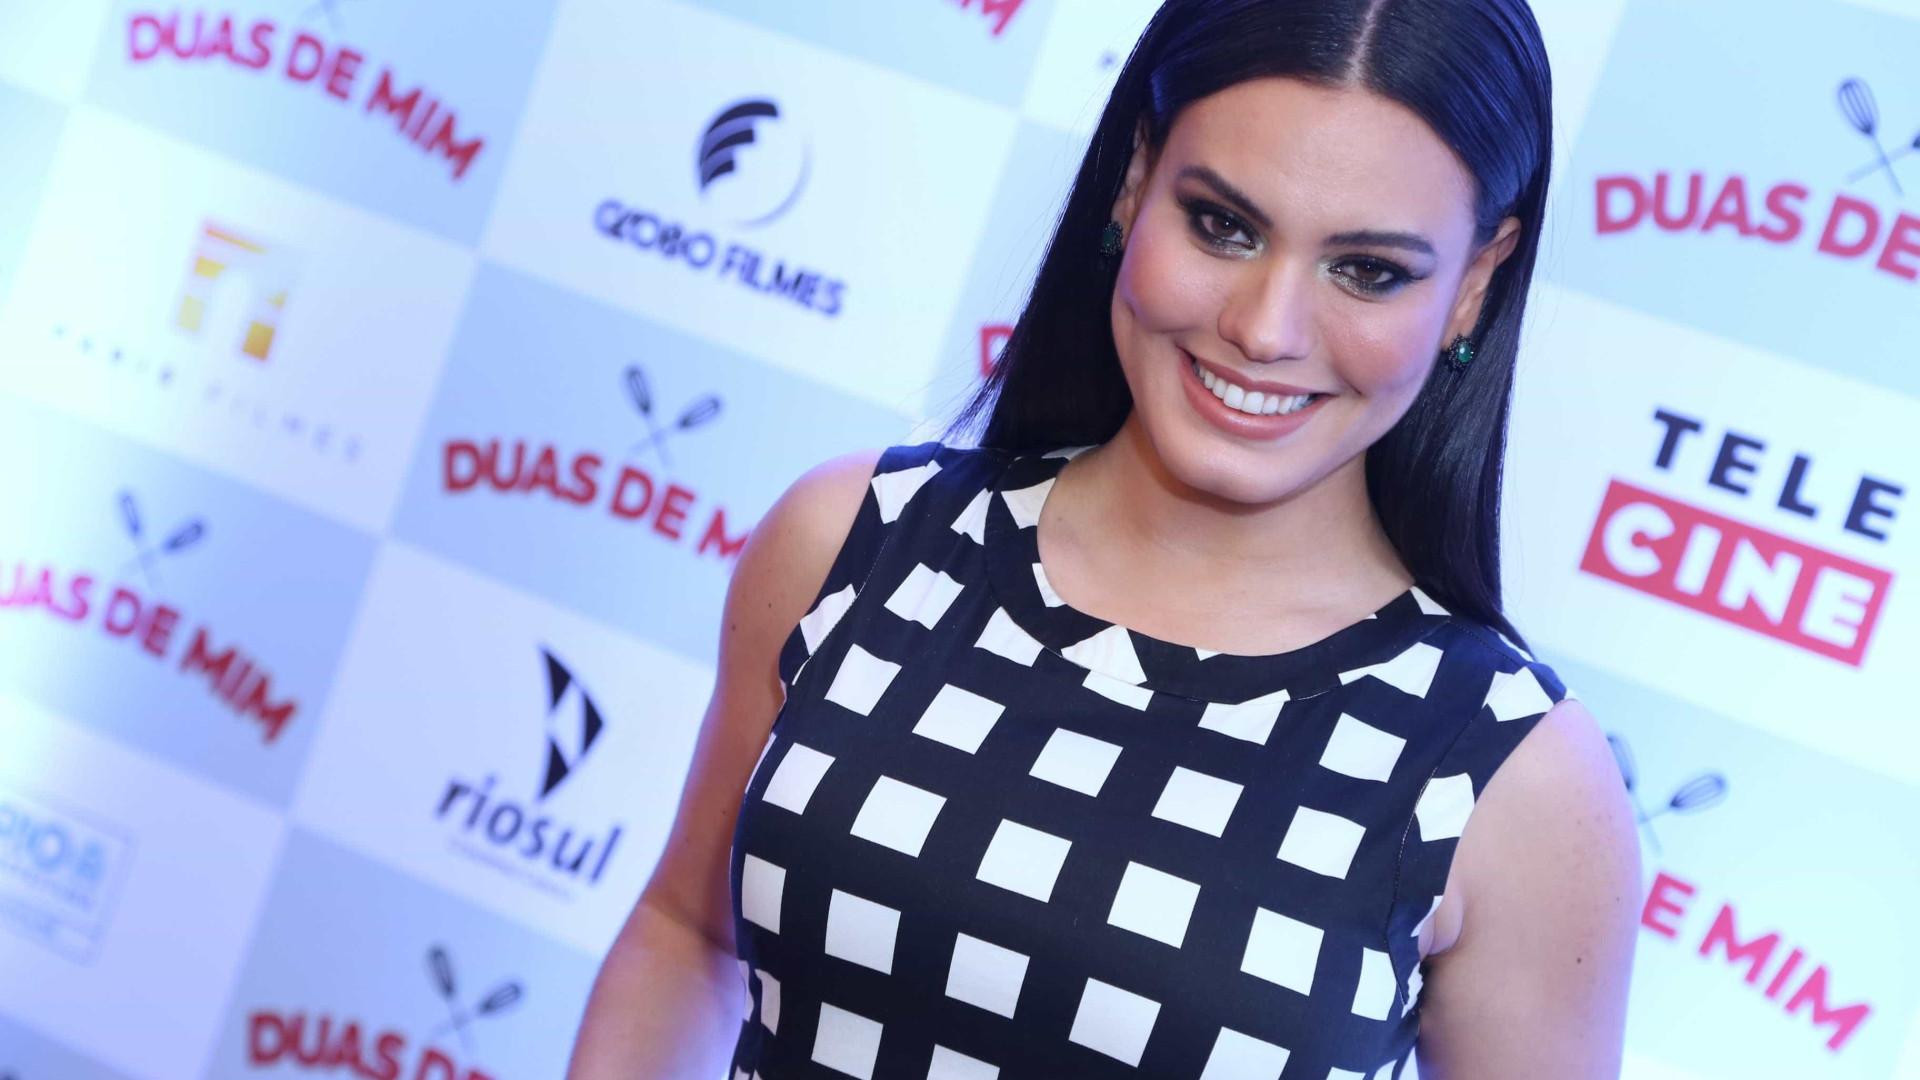 Leticia Lima diz que nunca 'sofreu bullying' por ser lésbica